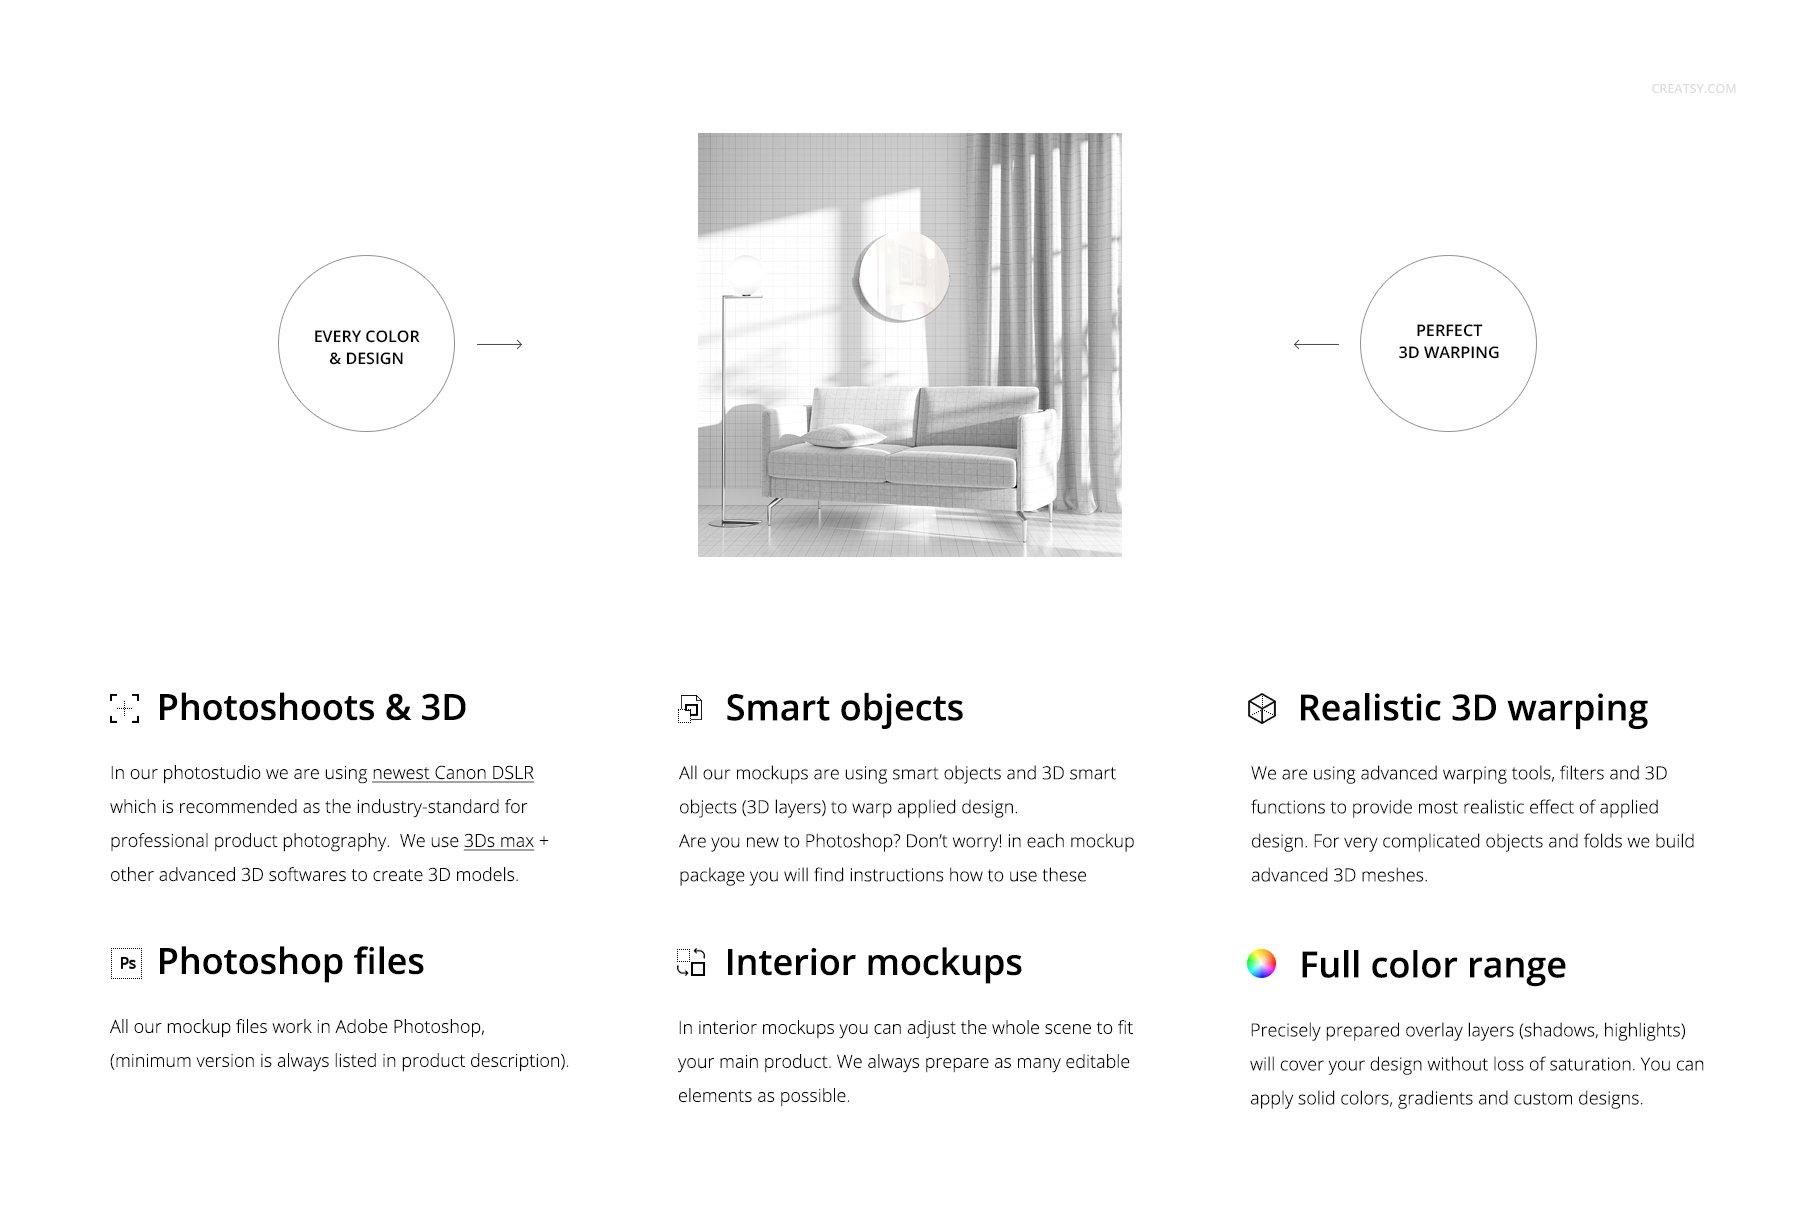 带阴影室内双人沙发印花图案设计PS贴图样机模板 Interior Scene Mockup插图1